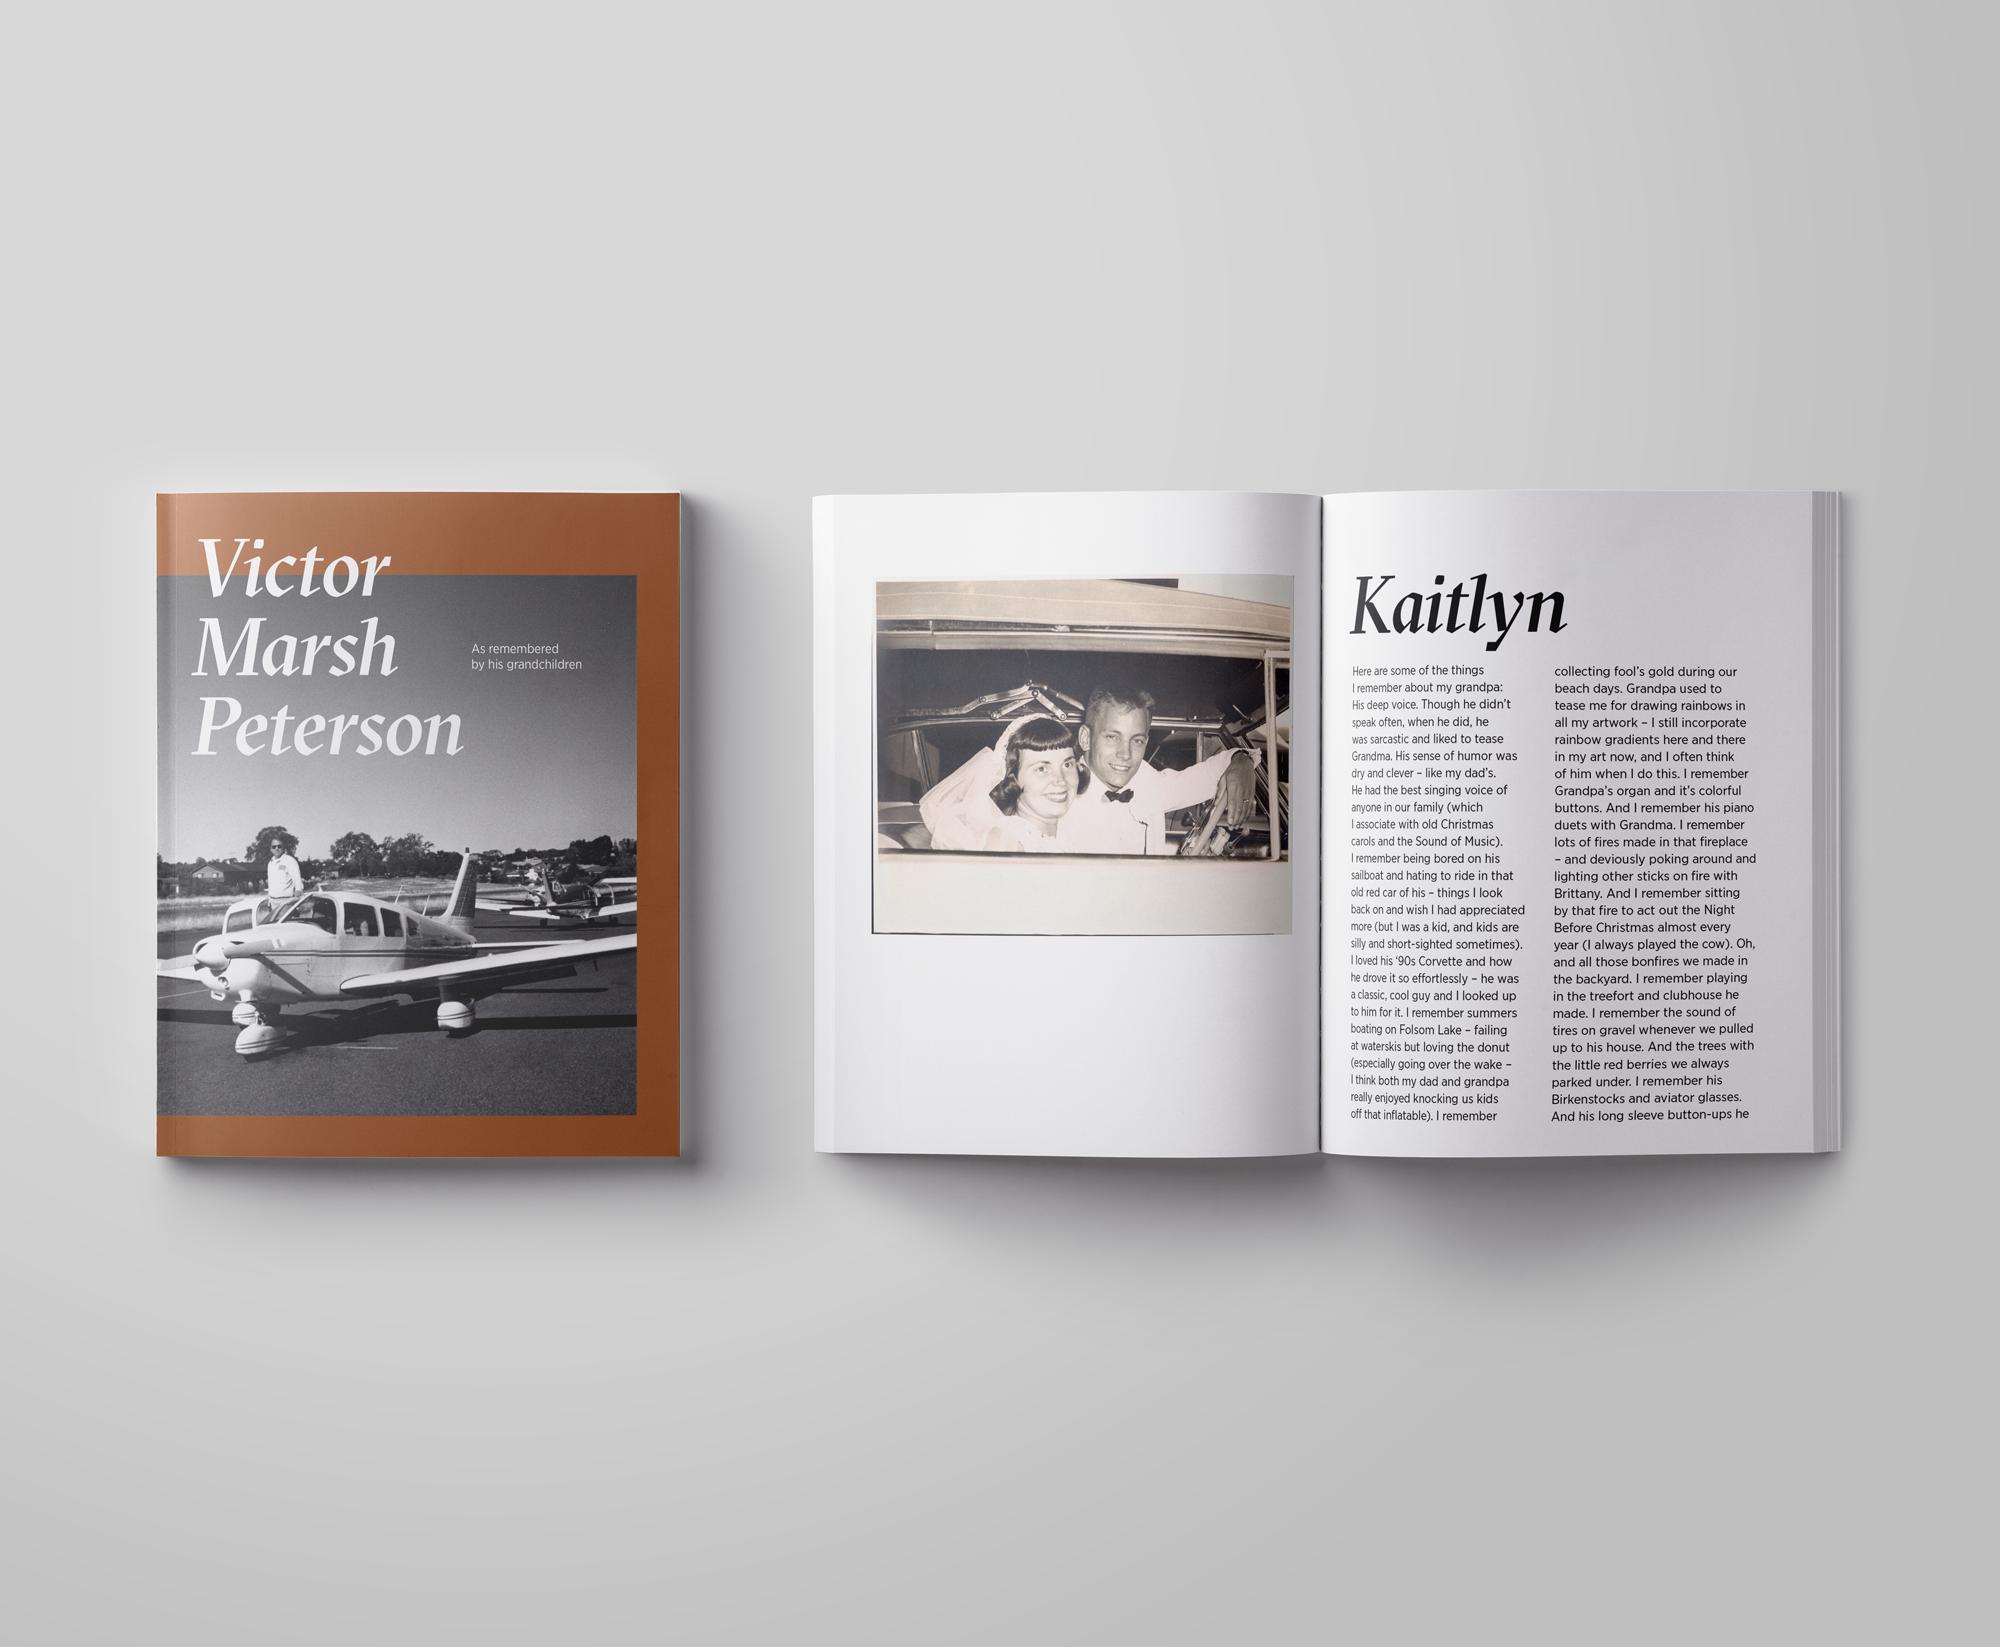 Magazine-USLetter-A4-Mockup-Template-2-copy-3